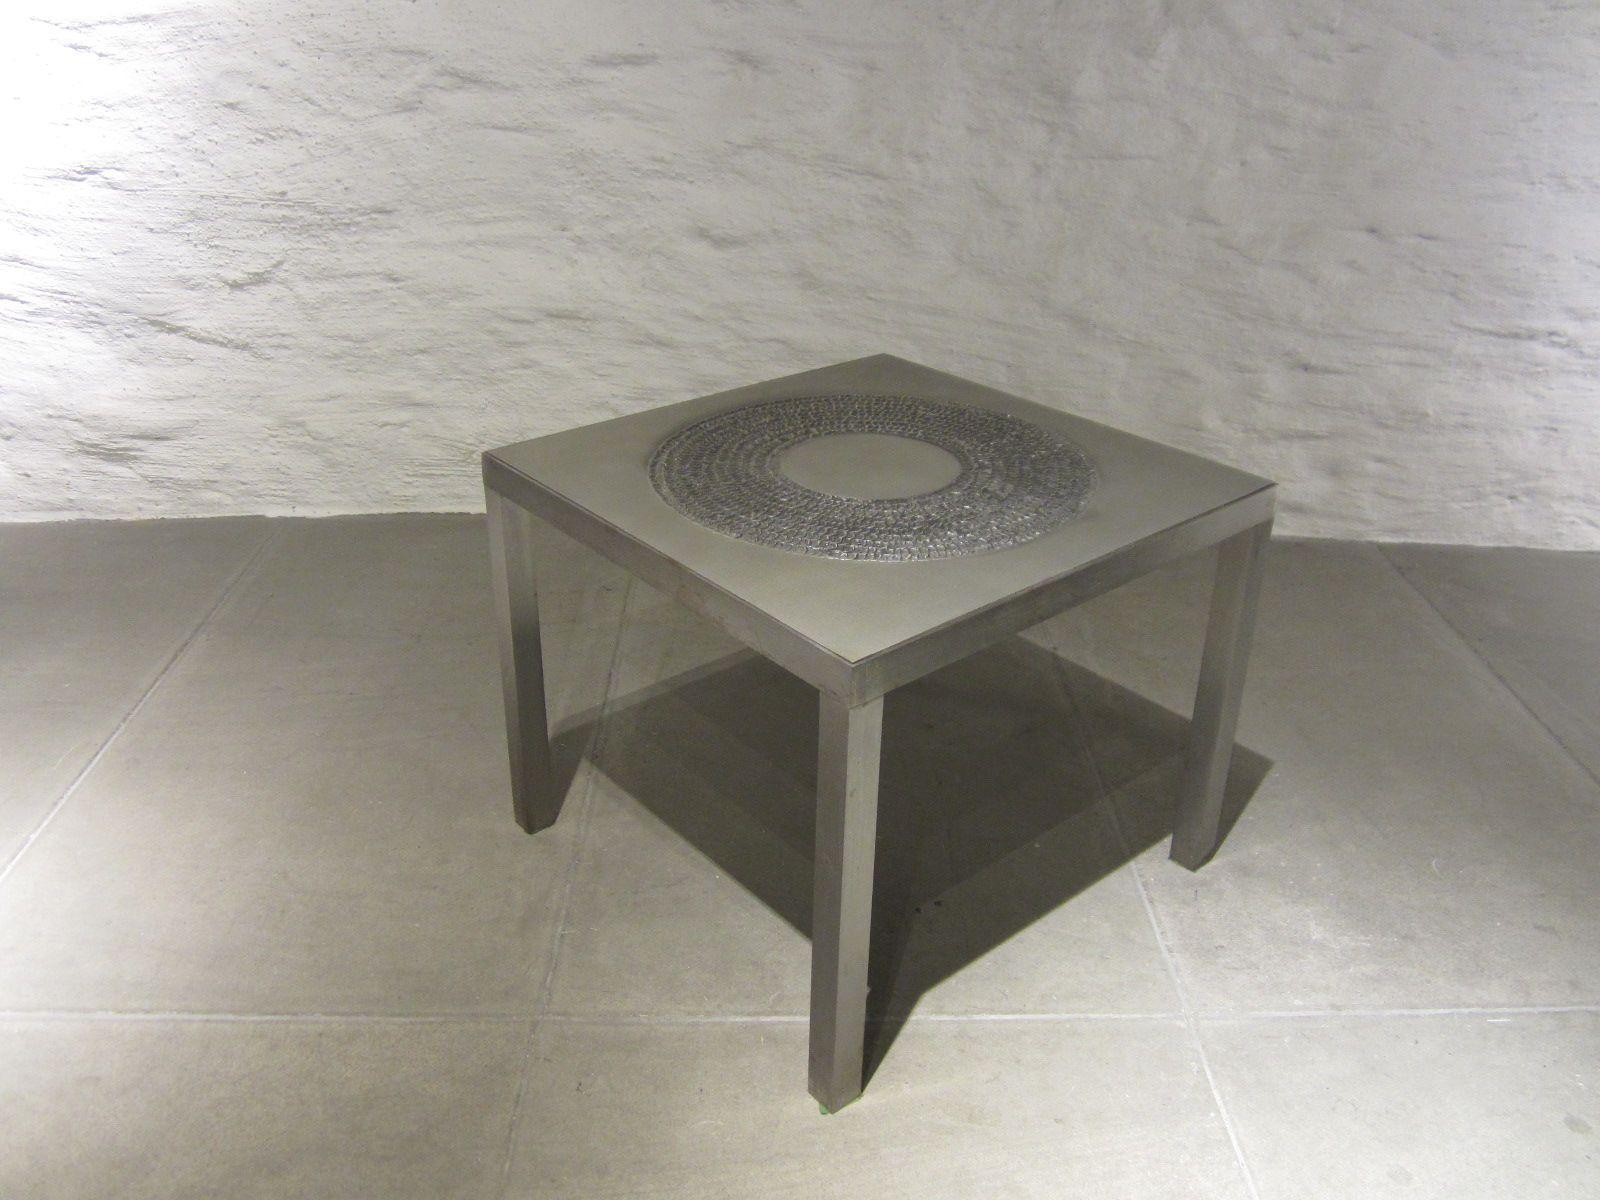 italienischer mid century beistelltisch aus metall bei pamono kaufen. Black Bedroom Furniture Sets. Home Design Ideas